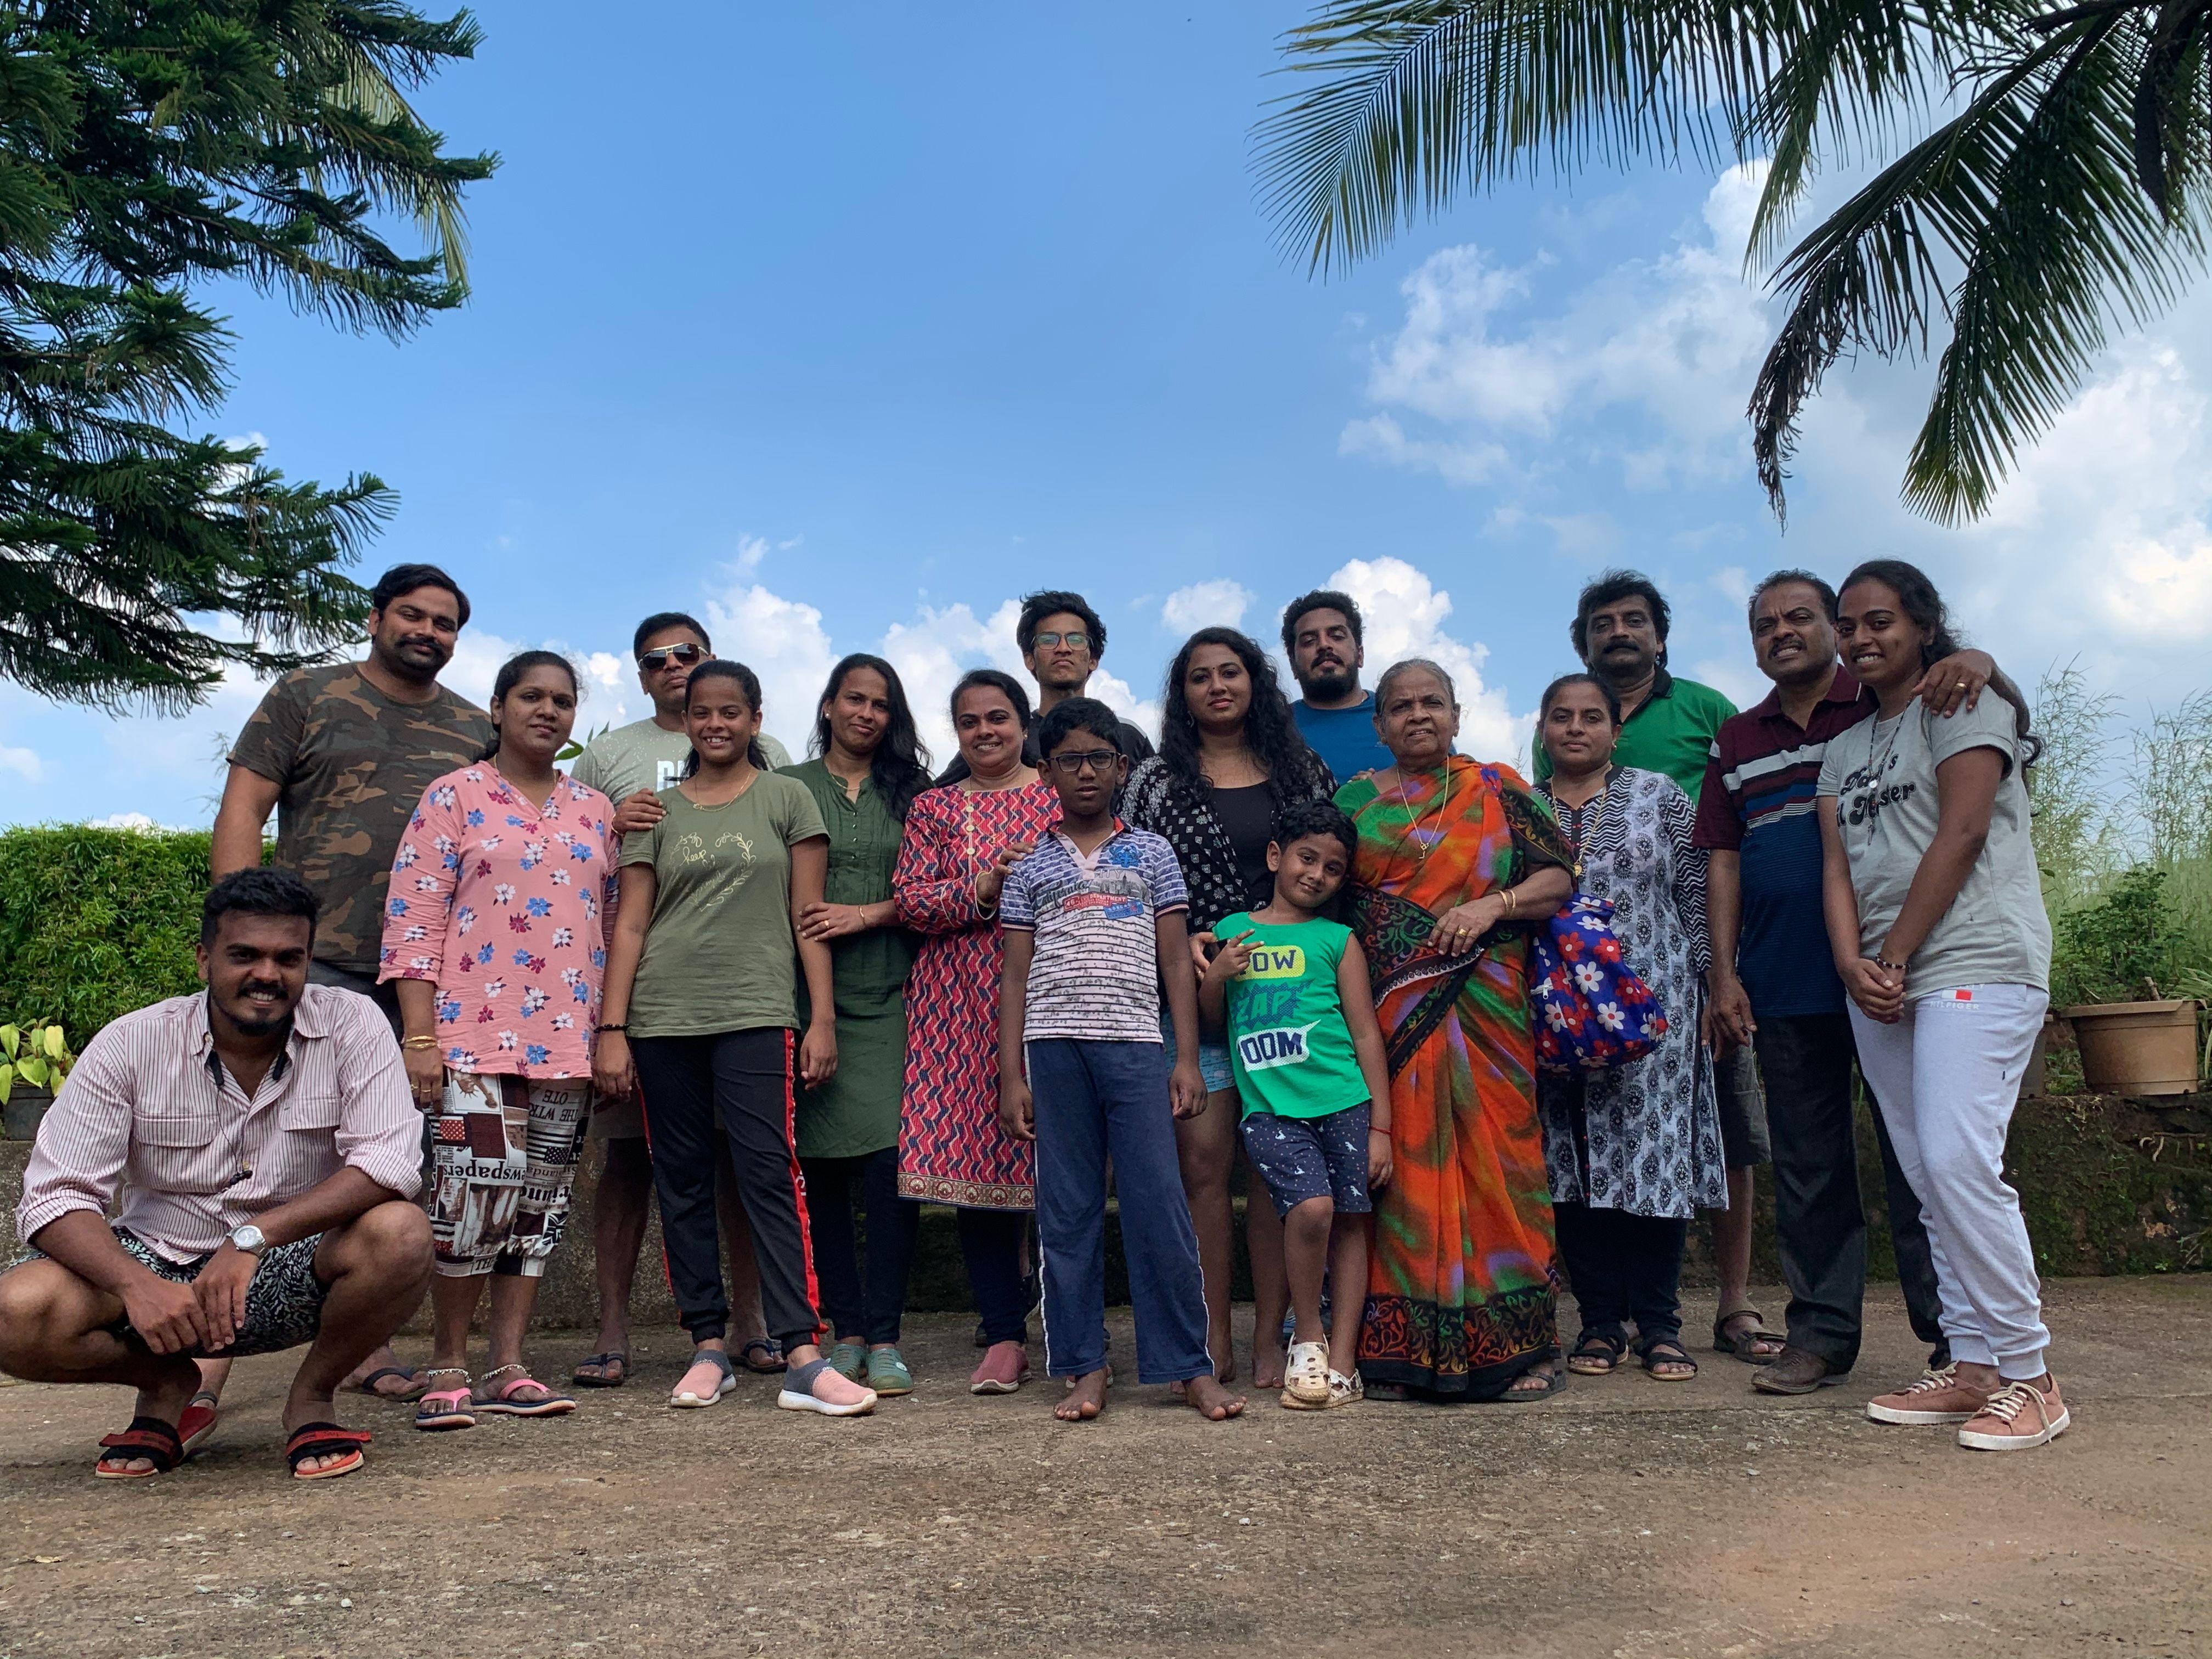 Mumbai travel Meetup Group